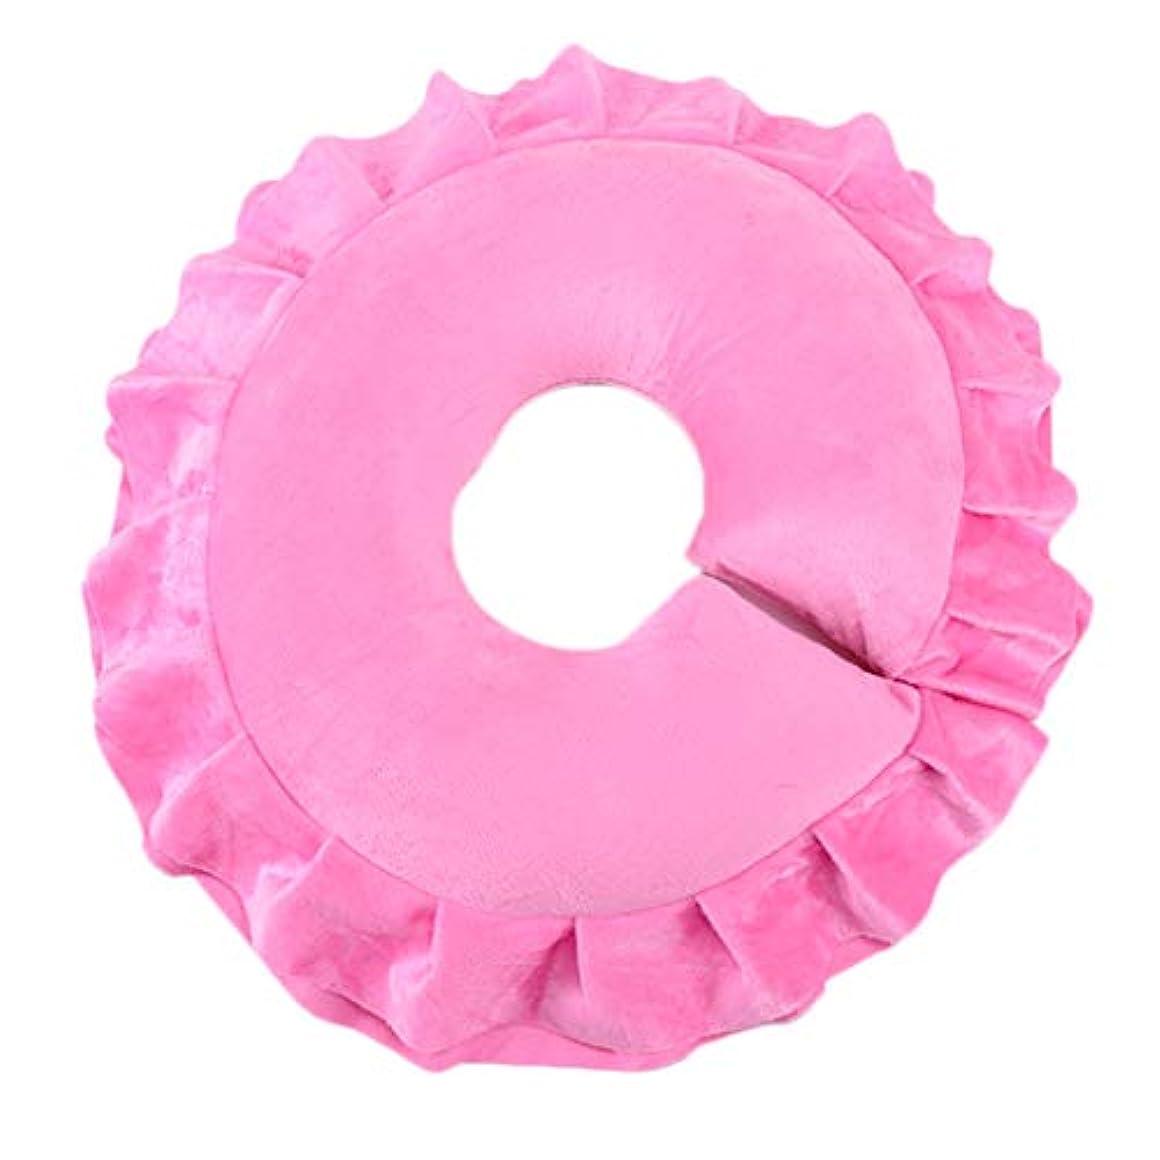 ぼかすビリーヤギナイロン顔枕 マッサージ用 フェイスピロー 枕 フェイスクッション ソフト マッサージ クッション 全4色 - ピンク